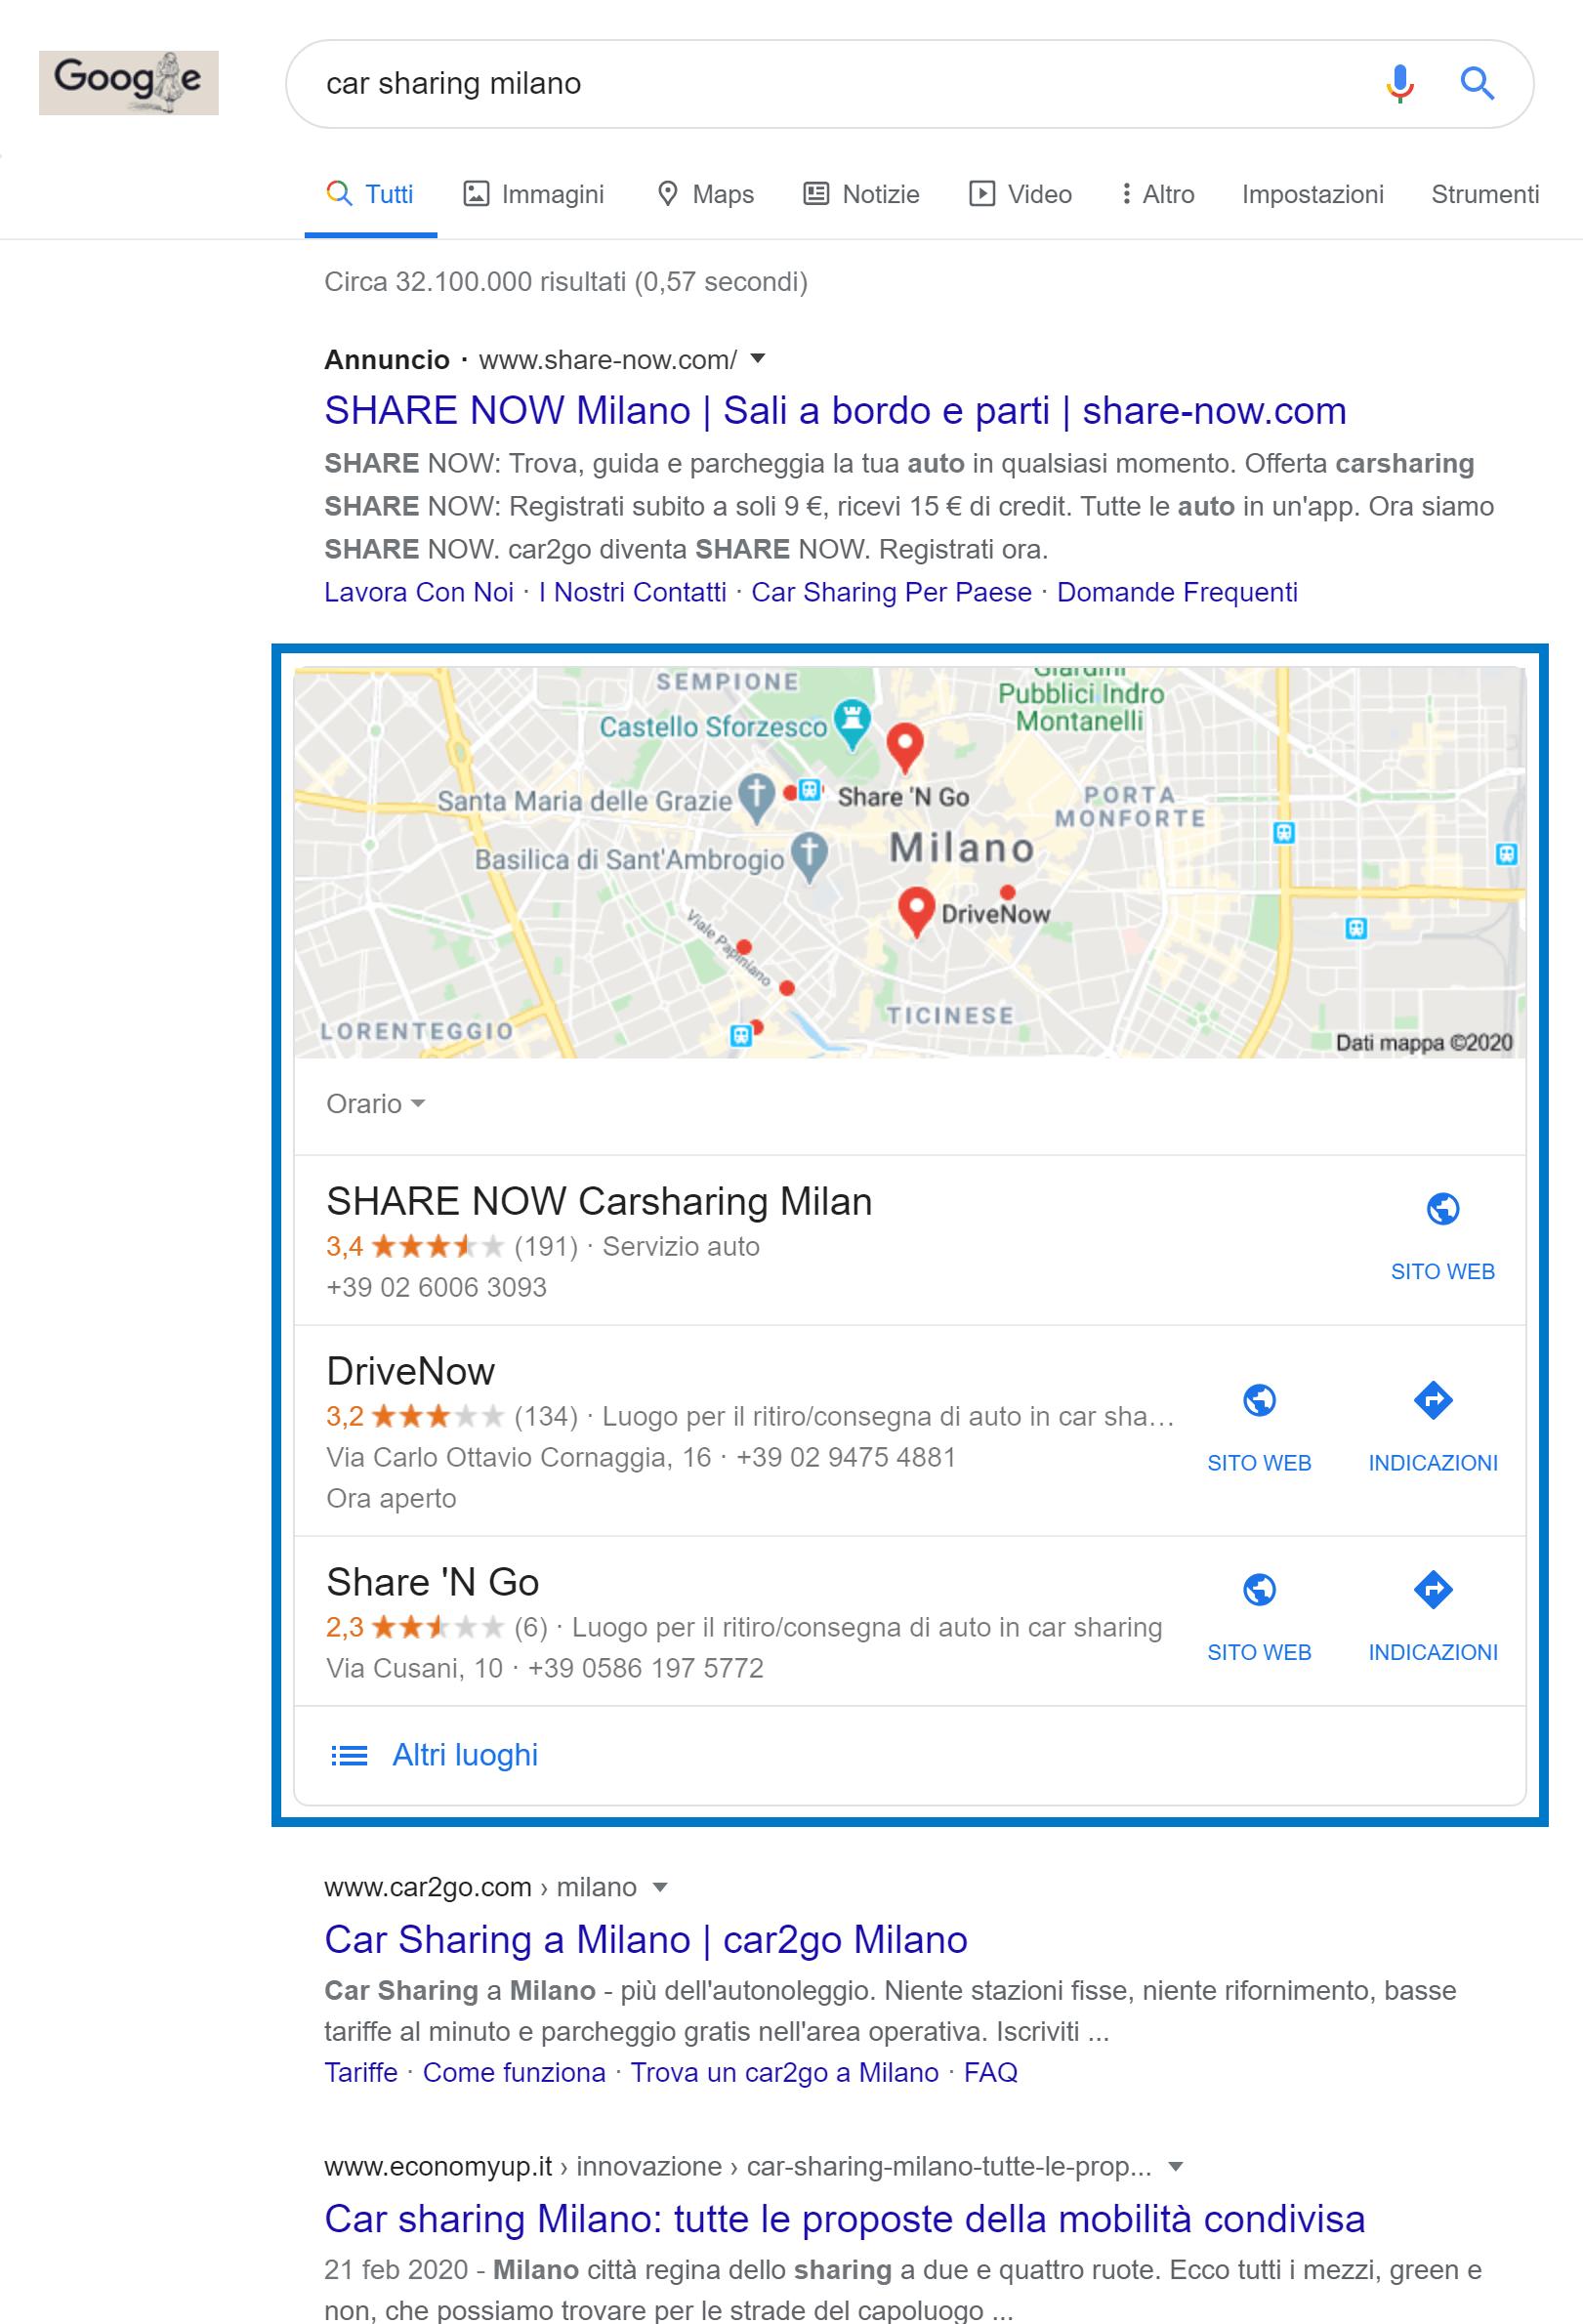 Box di Google nel settore del car sharing